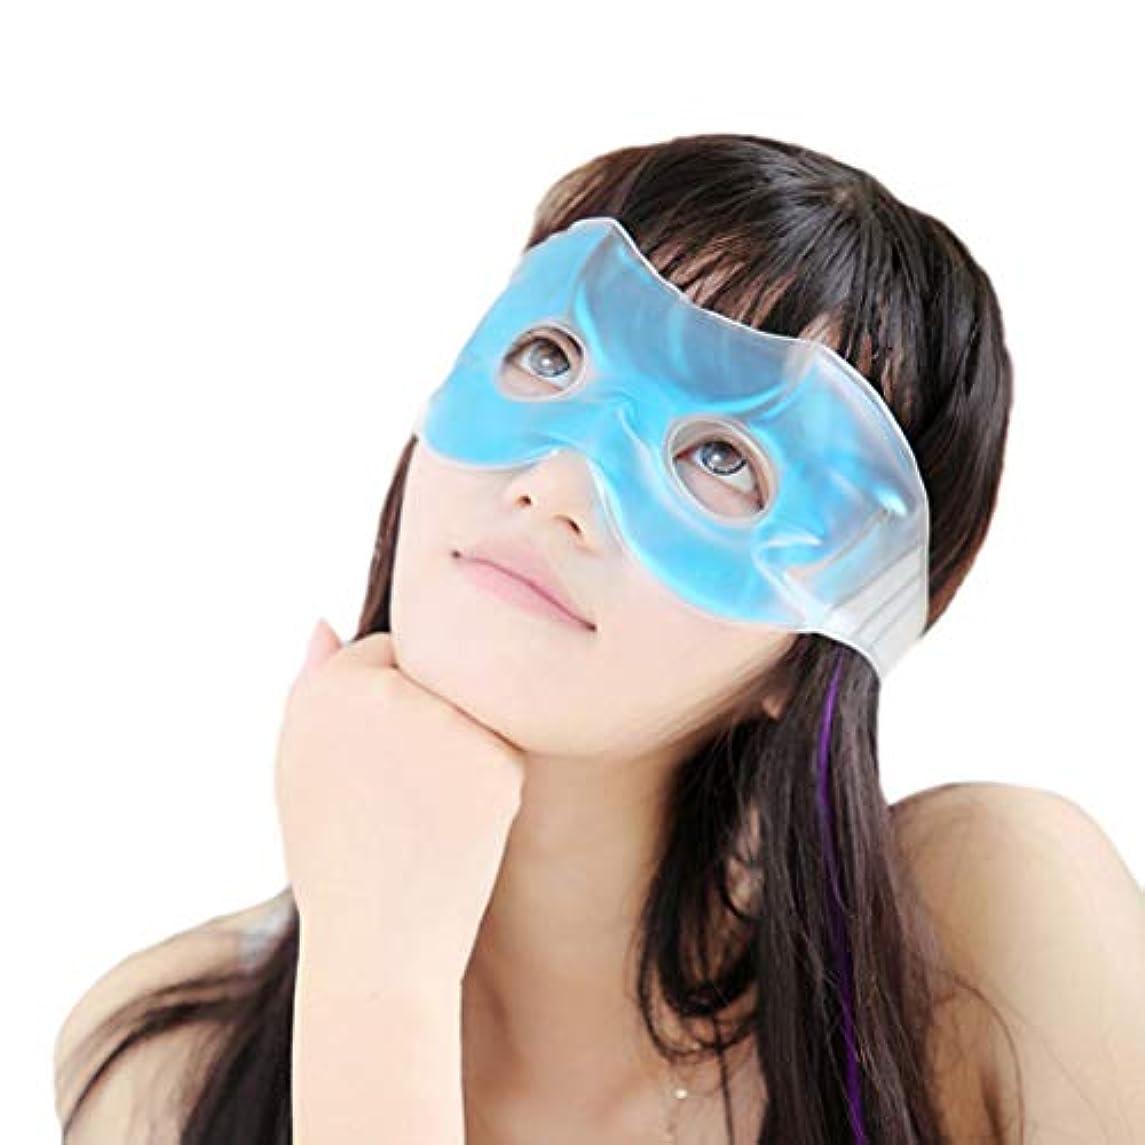 専門知識害虫シミュレートするHeallilyアイスアイマスク睡眠アイスパッチ冷却リラックスブラインド快適なパッチ用アイパフネスダークサークル